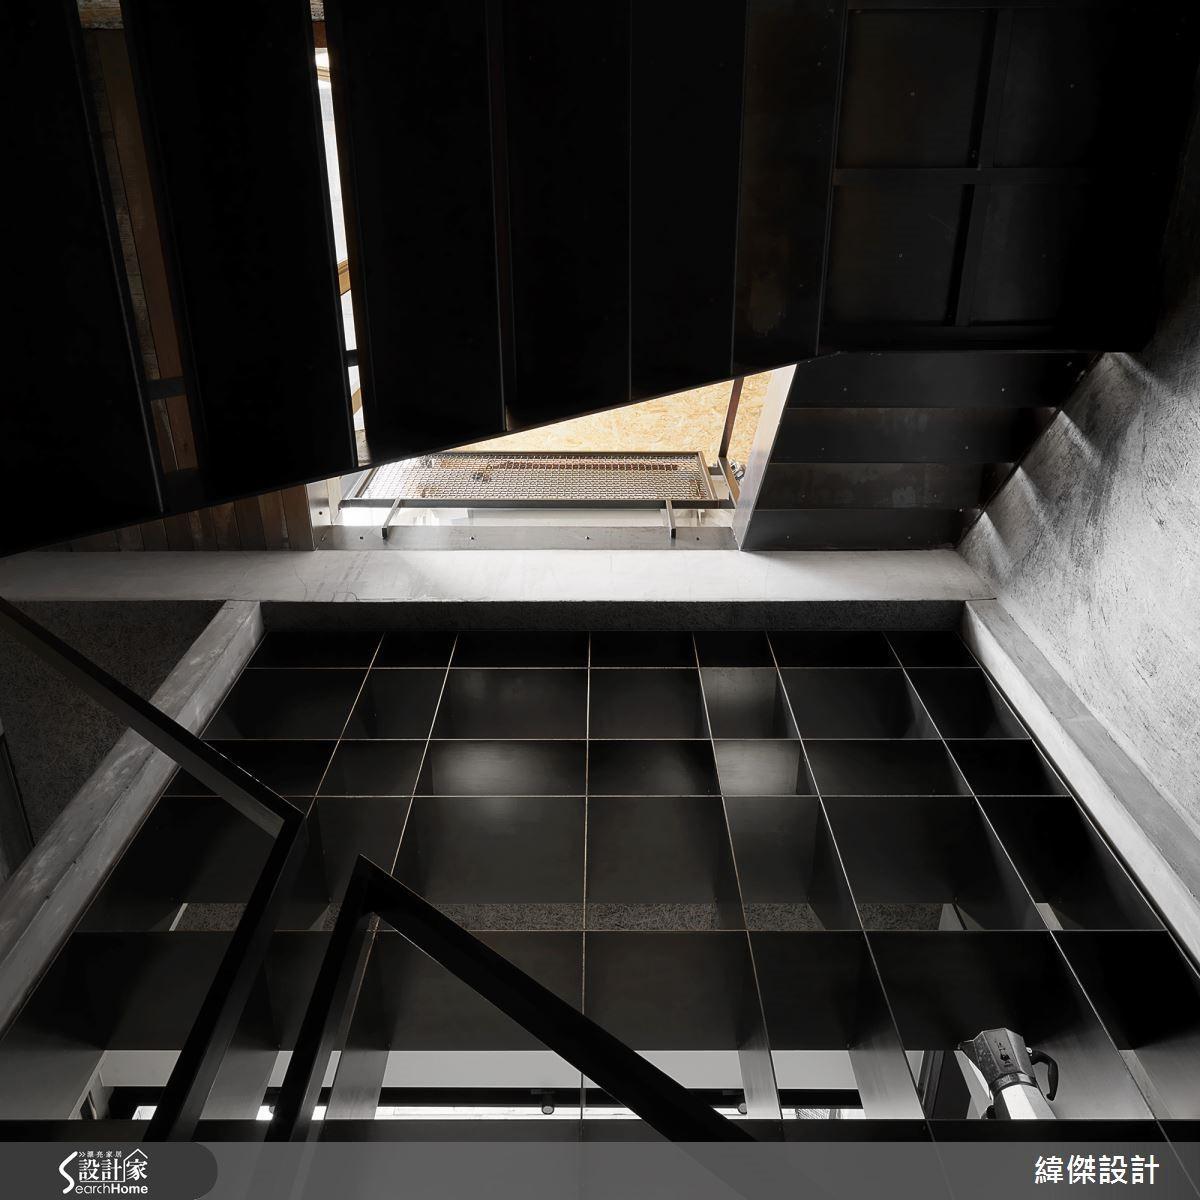 材質質感表面由於光線也能顯露更細微的面貌,鐵件陳列櫃具隱約穿透的效果保留住了光的動線。